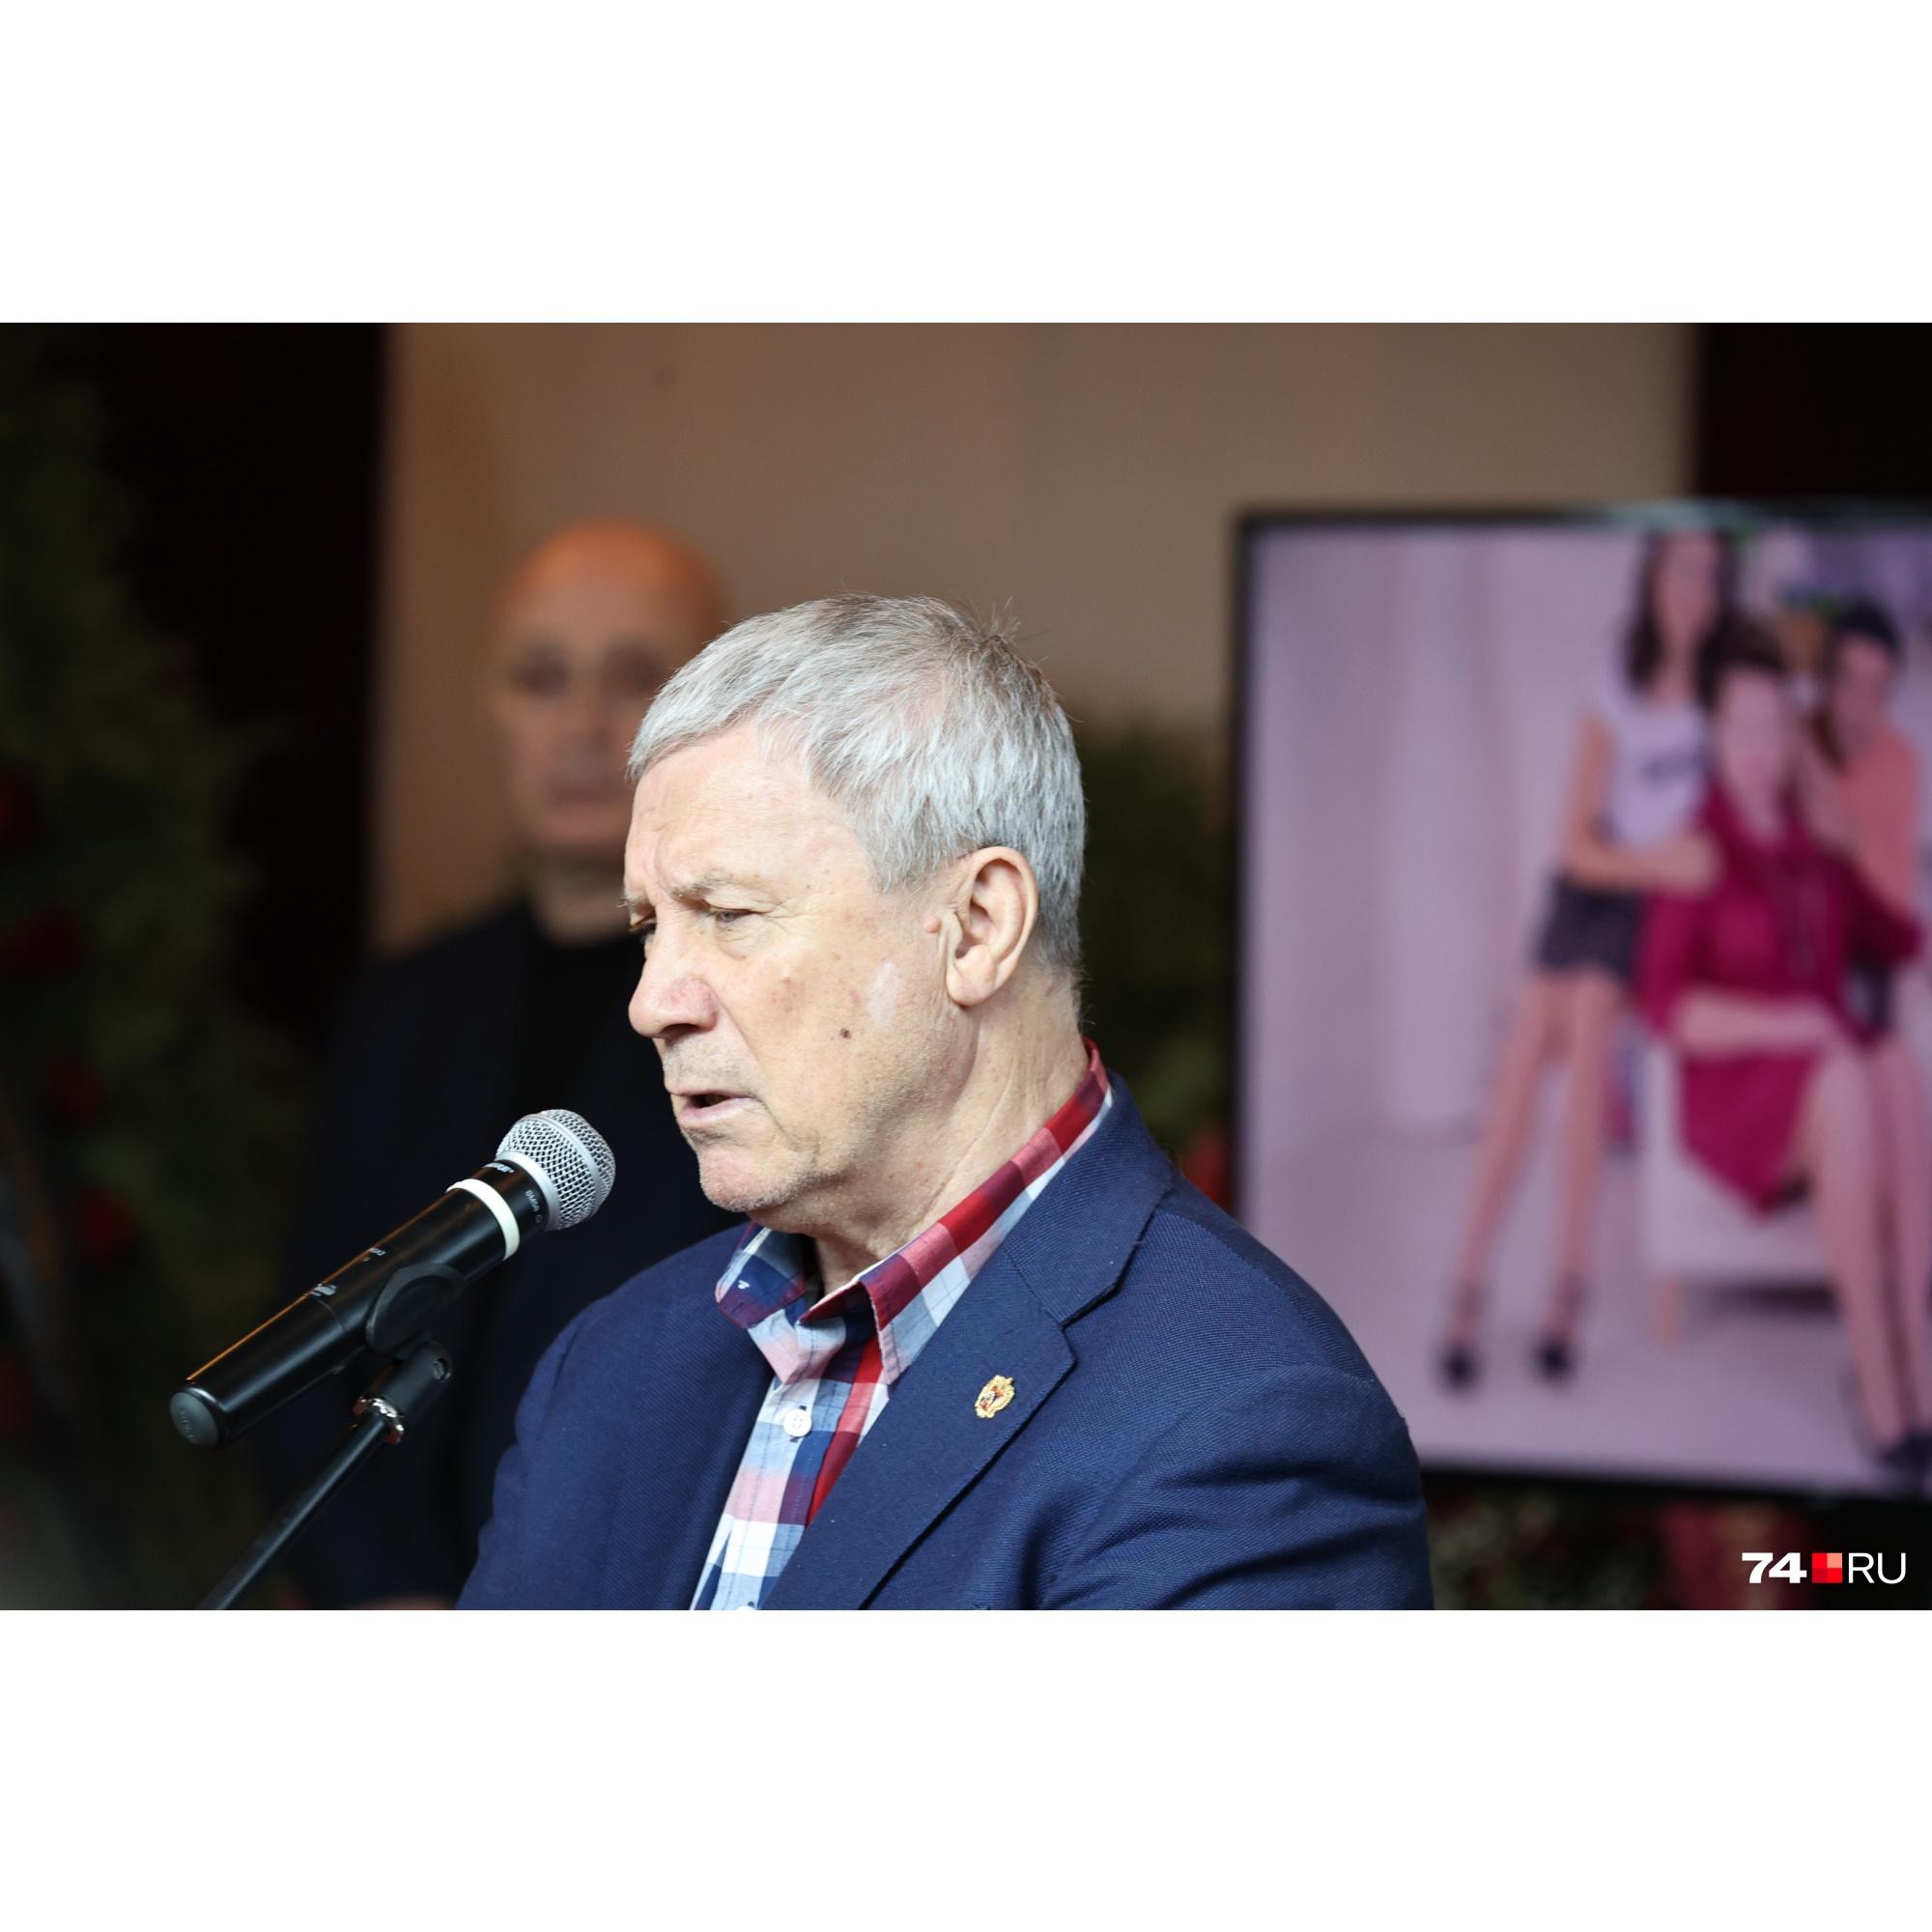 Вице-президент ФХР Игорь Тузик заверил, что федерация не забудет о хоккеисте и его семье